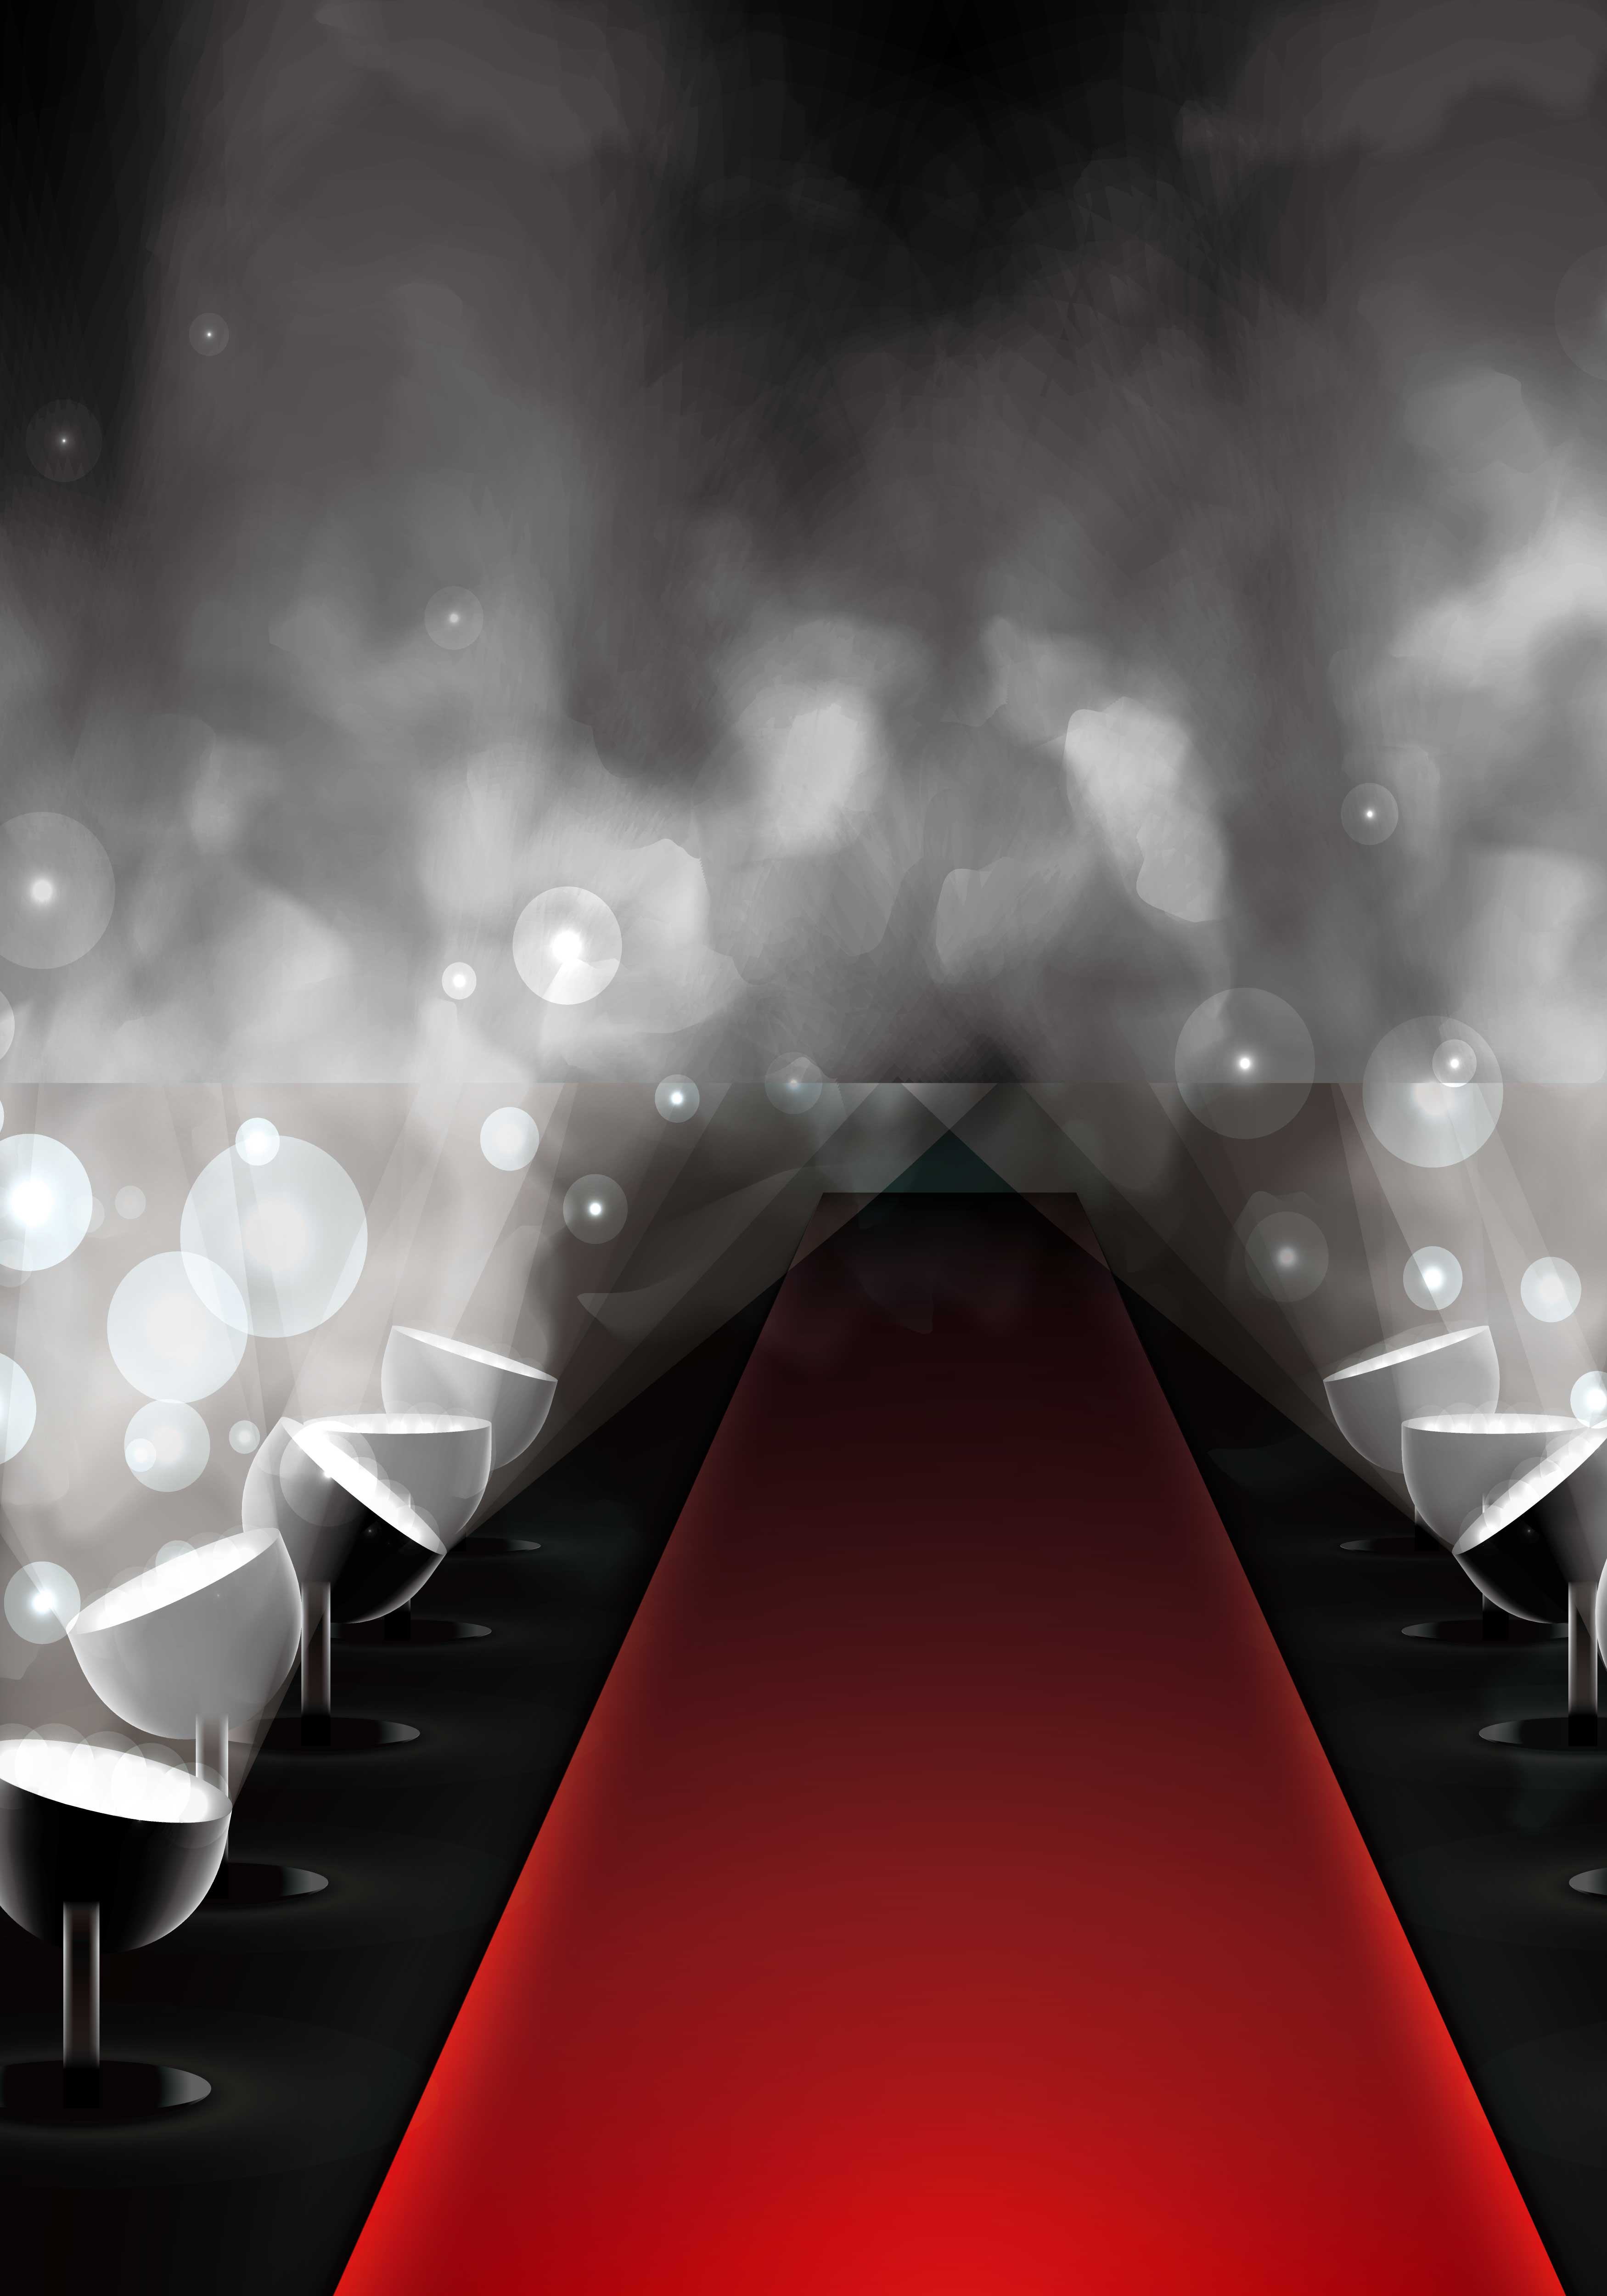 le tapis rouge pr u00e9sentant des mod u00e8les d arri u00e8re plan tapis rouge affichage de la lumi u00e8re image